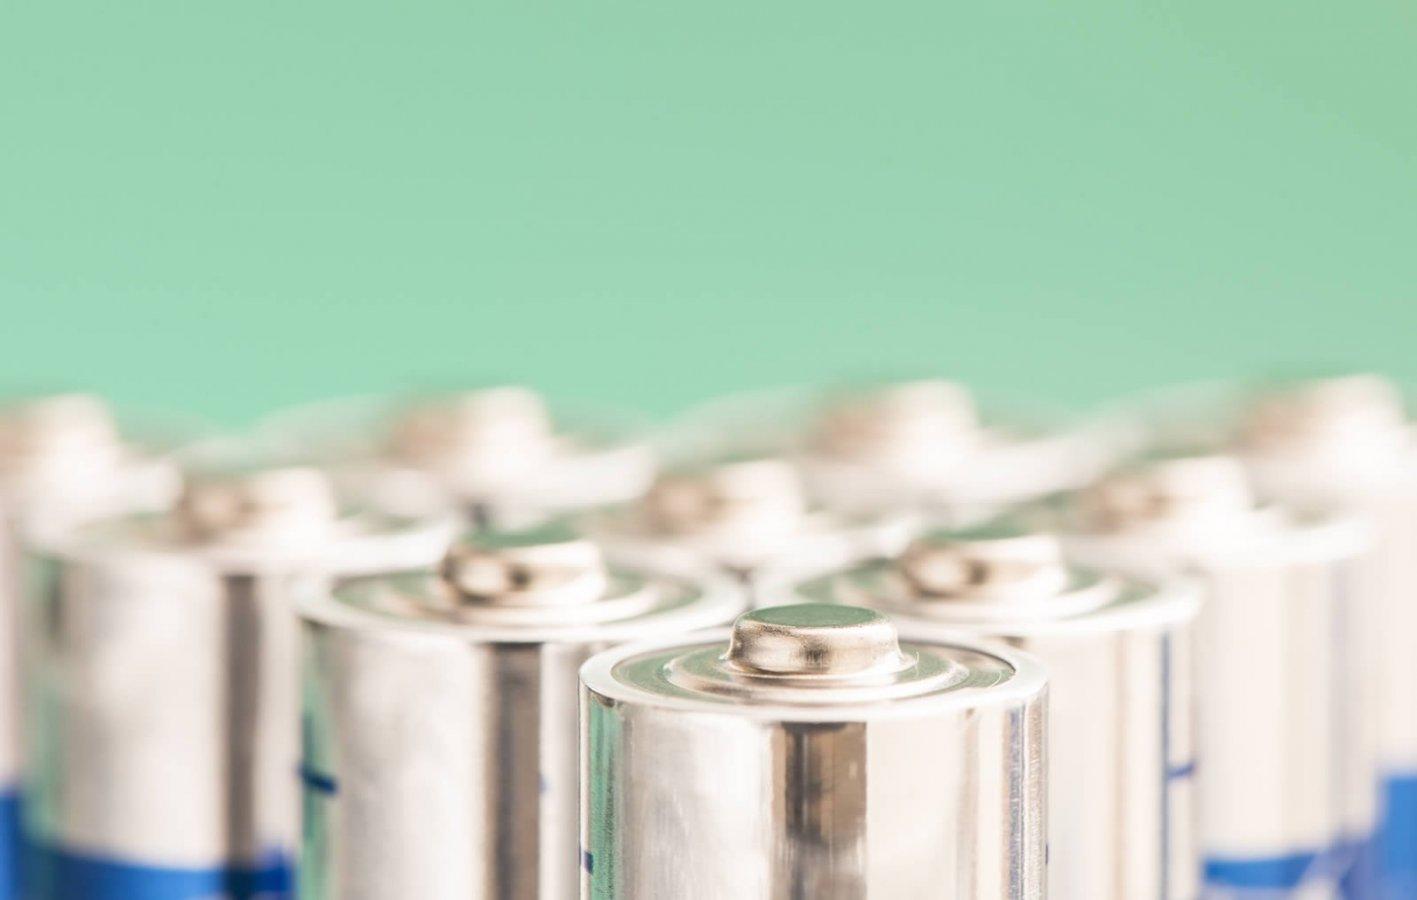 Deze zeven dingen worden gemaakt van jouw lege batterijen